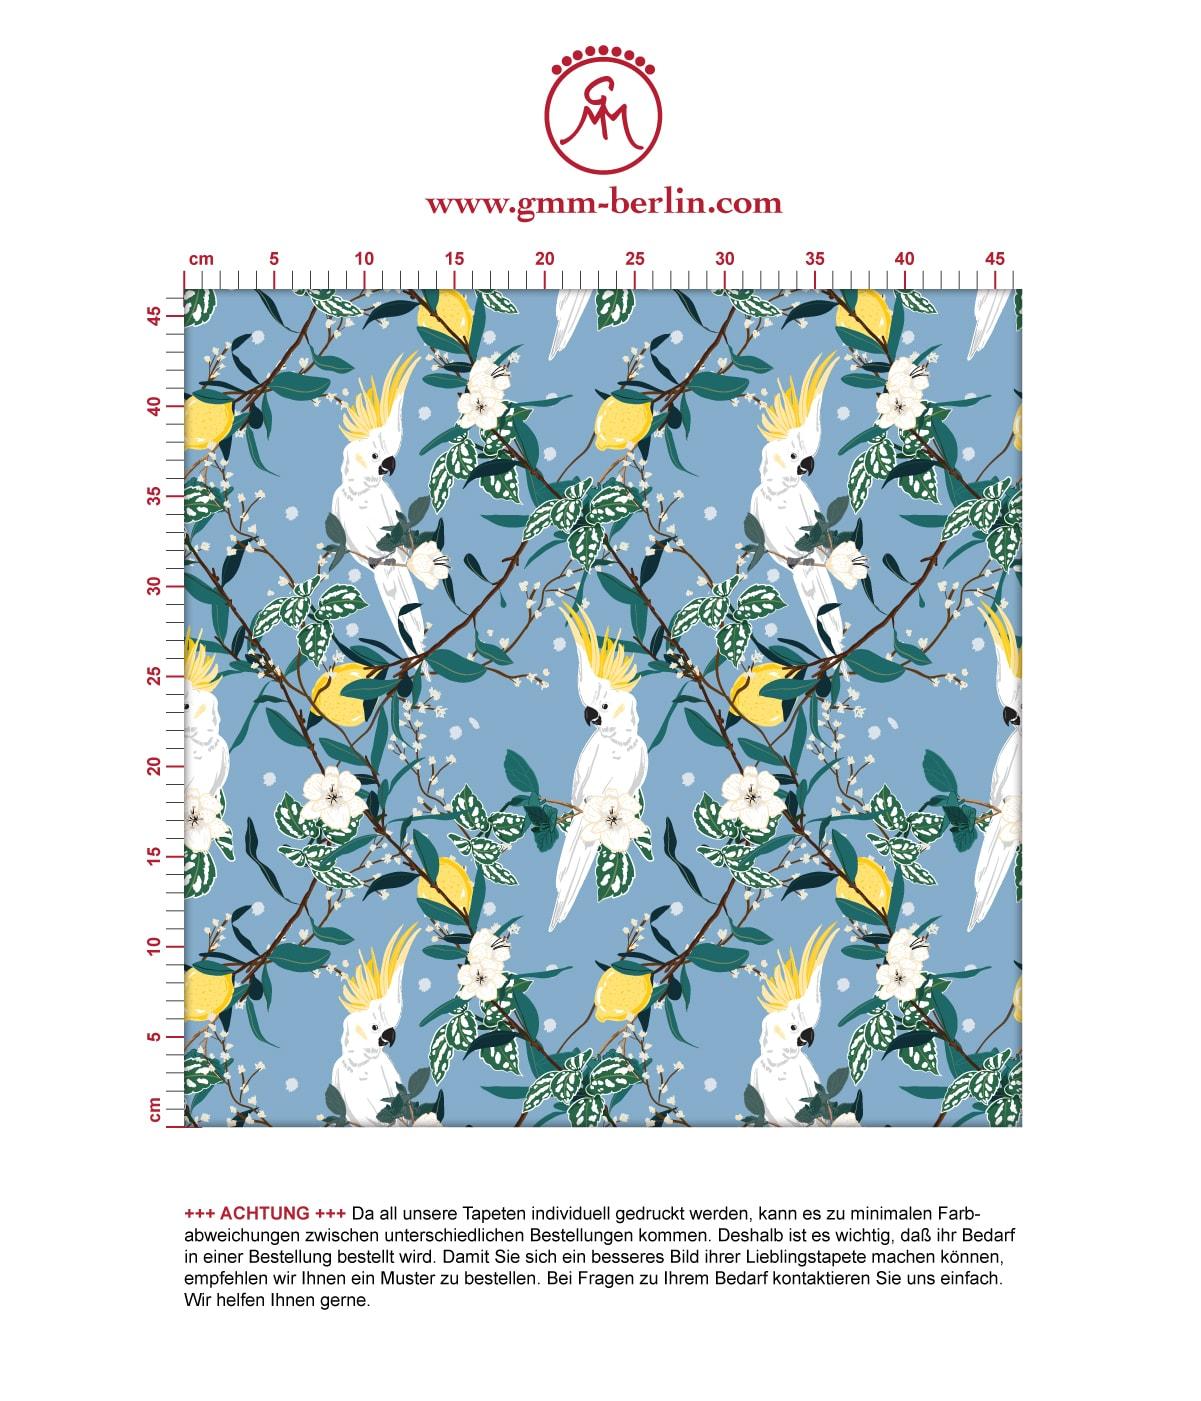 """Blaue exotische Tapete """"Tropical Summer"""" mit Zitronen & Kakadus, Vlies Tapete Blumentapete für Schlafzimmer. Aus dem GMM-BERLIN.com Sortiment: Schöne Tapeten in der Farbe: mittelblau,"""